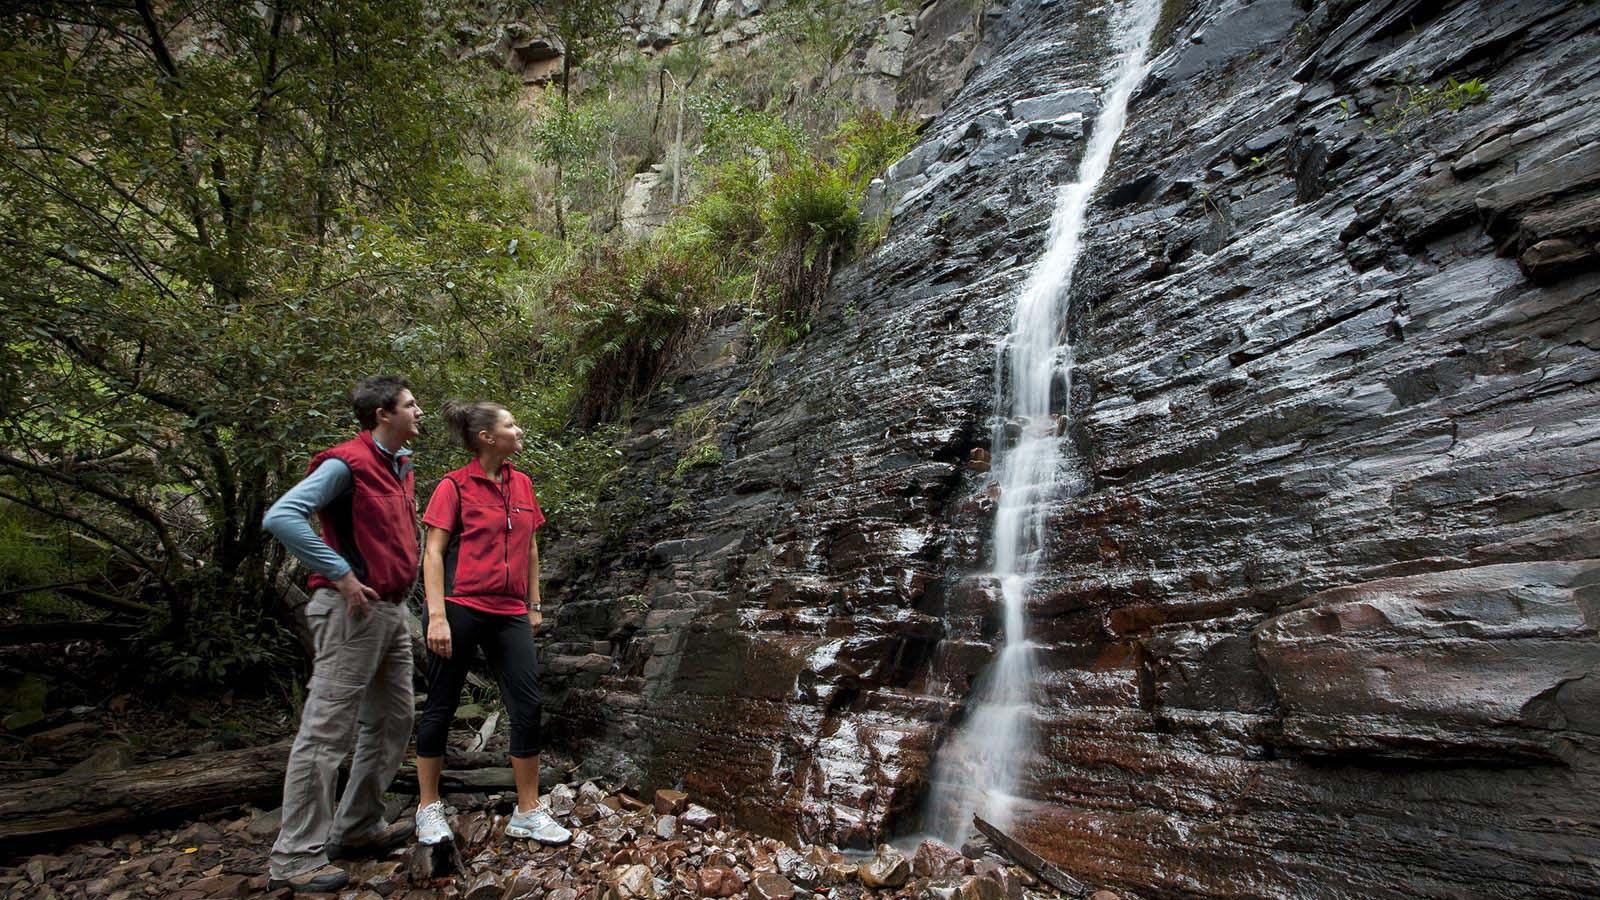 Silverband Falls, Grampians National Park, Grampians, Victoria, Australia